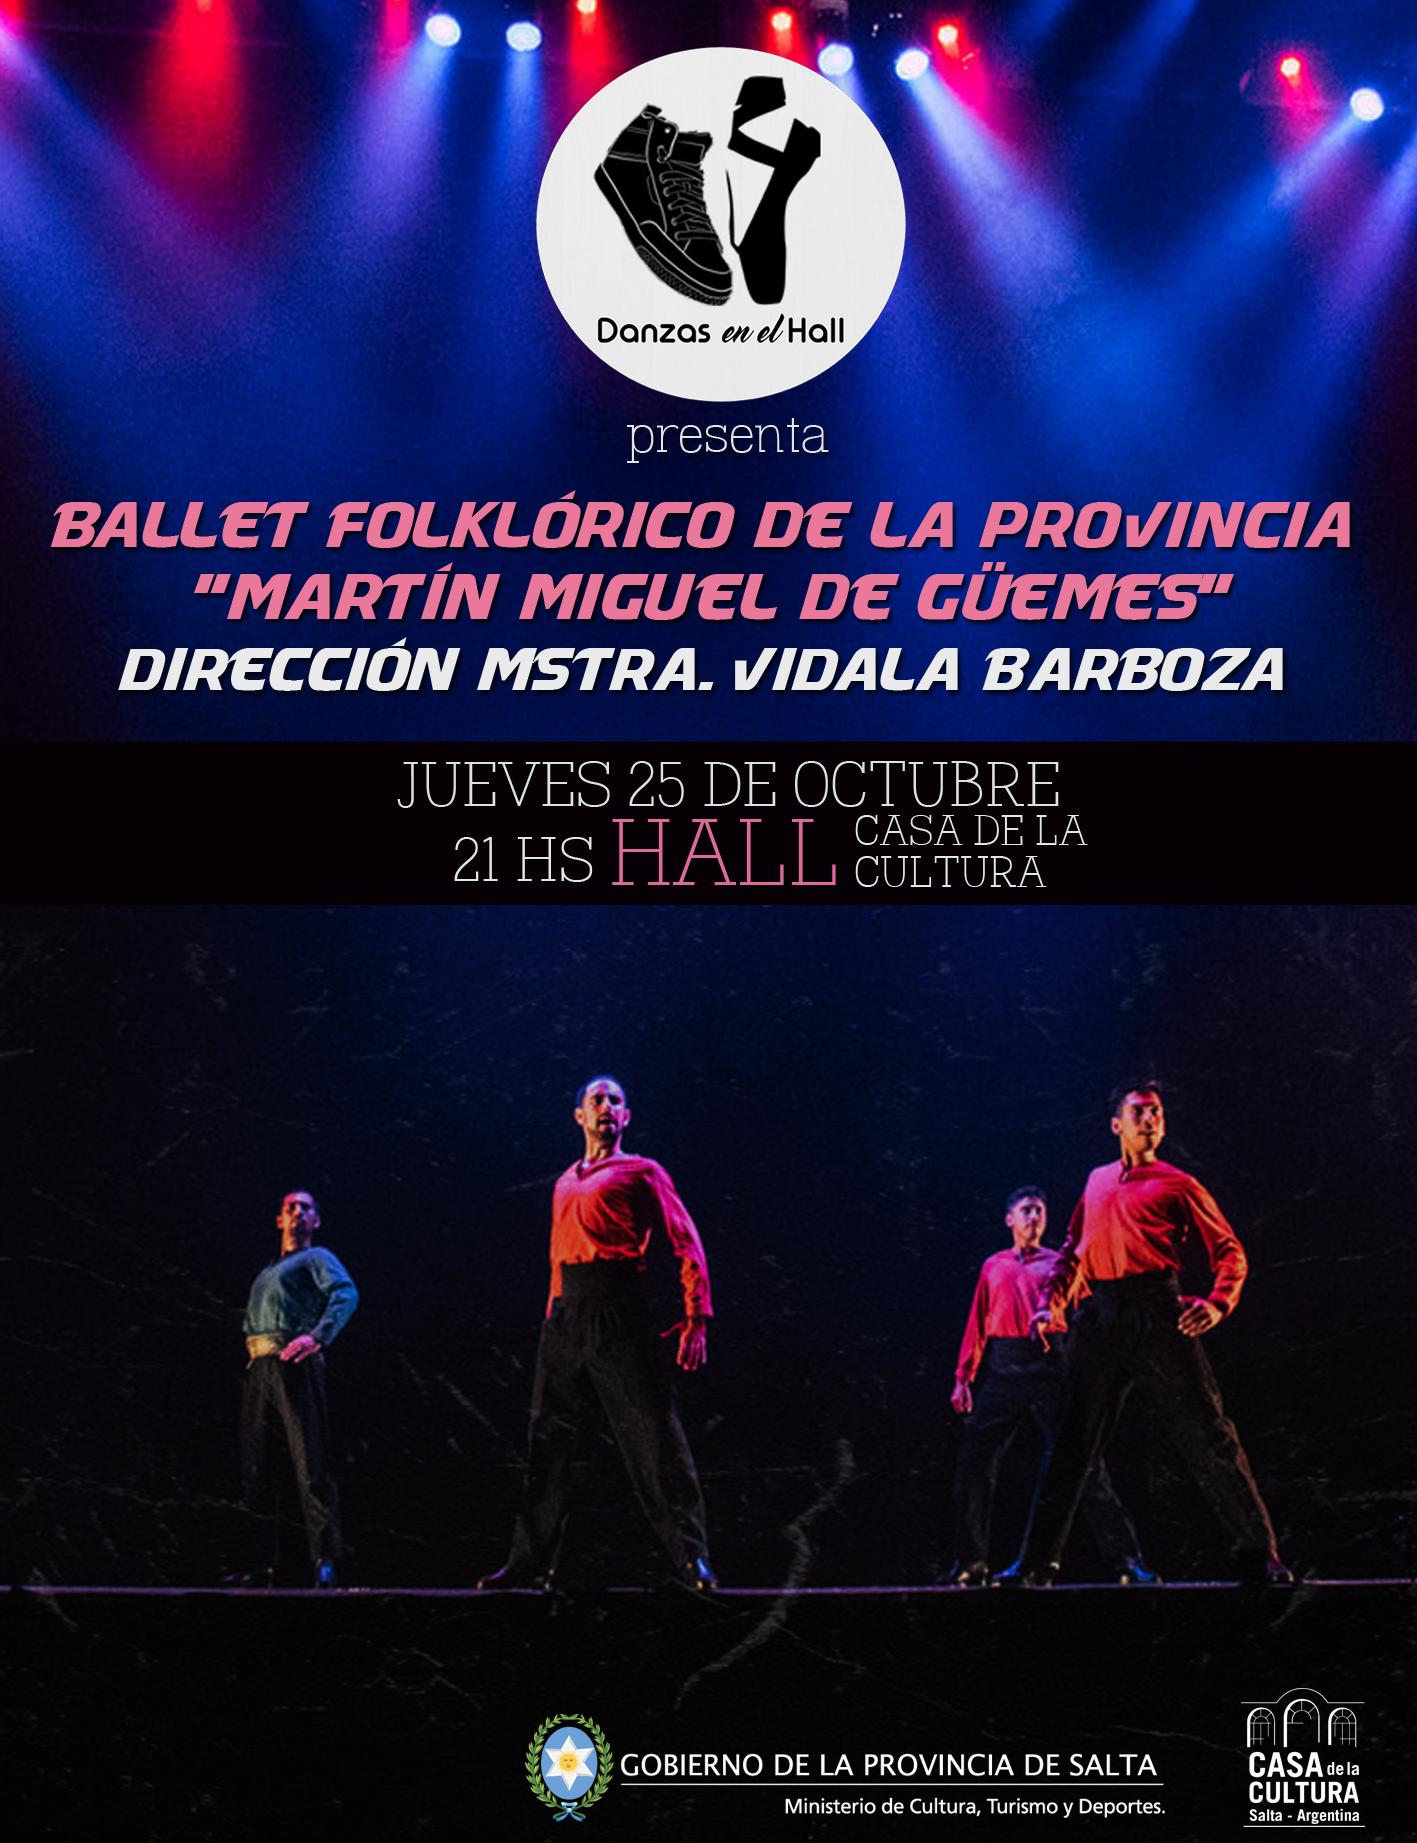 danzas_en_el_hall_ballet_folklorico